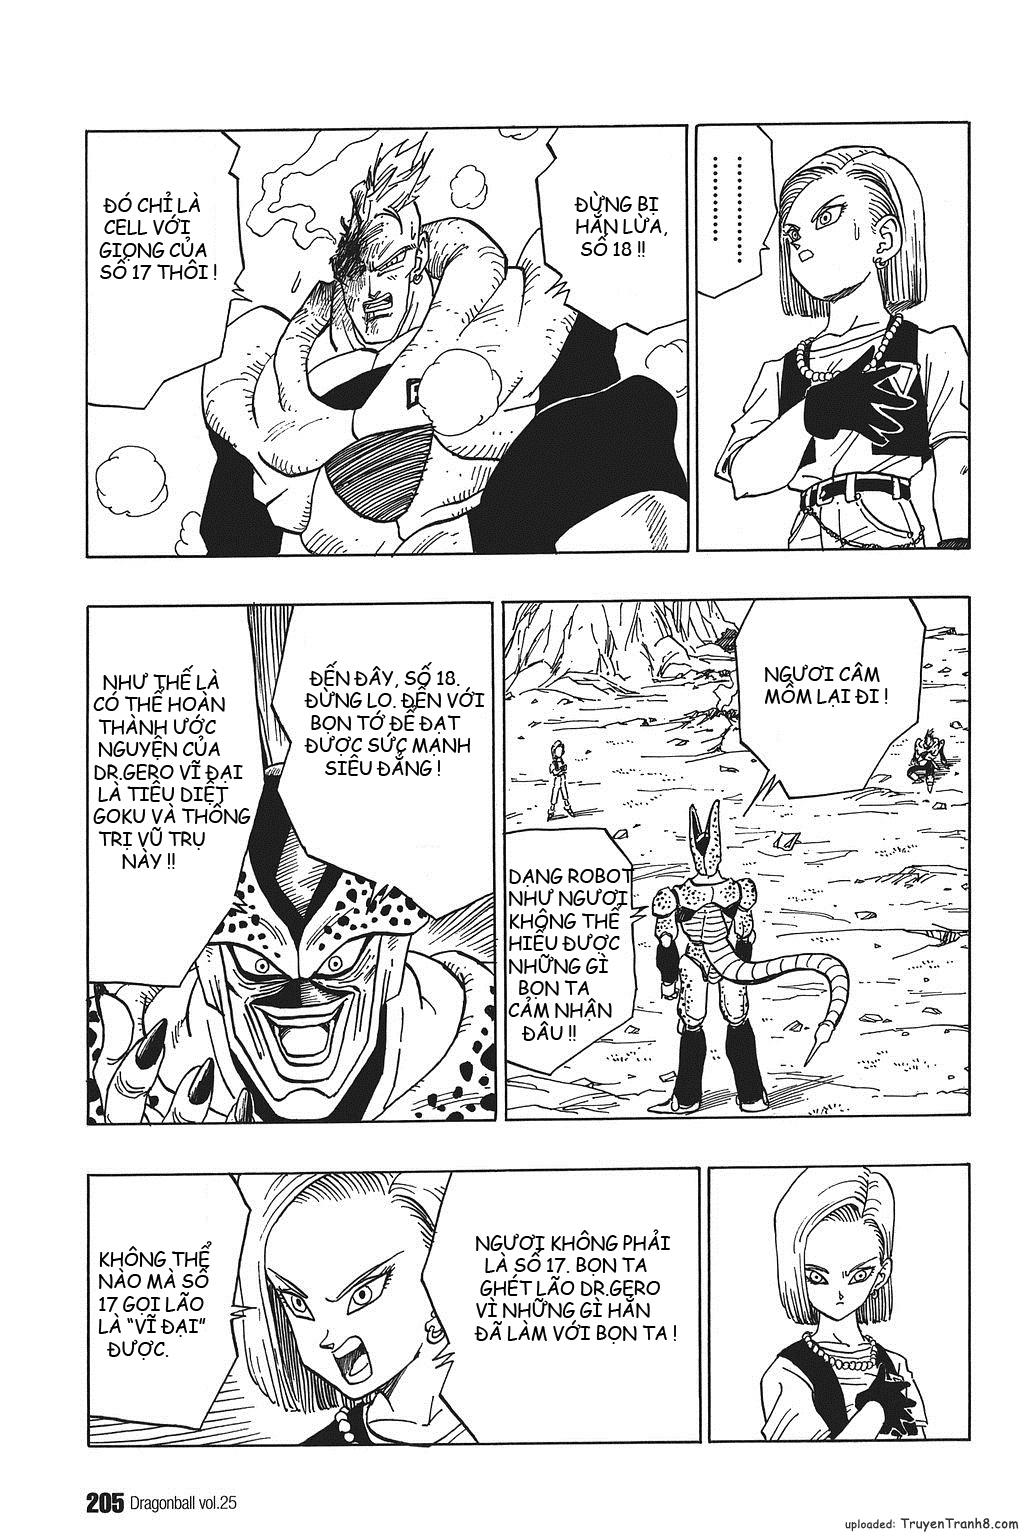 xem truyen moi - Dragon Ball Bản Vip - Bản Đẹp Nguyên Gốc Chap 373